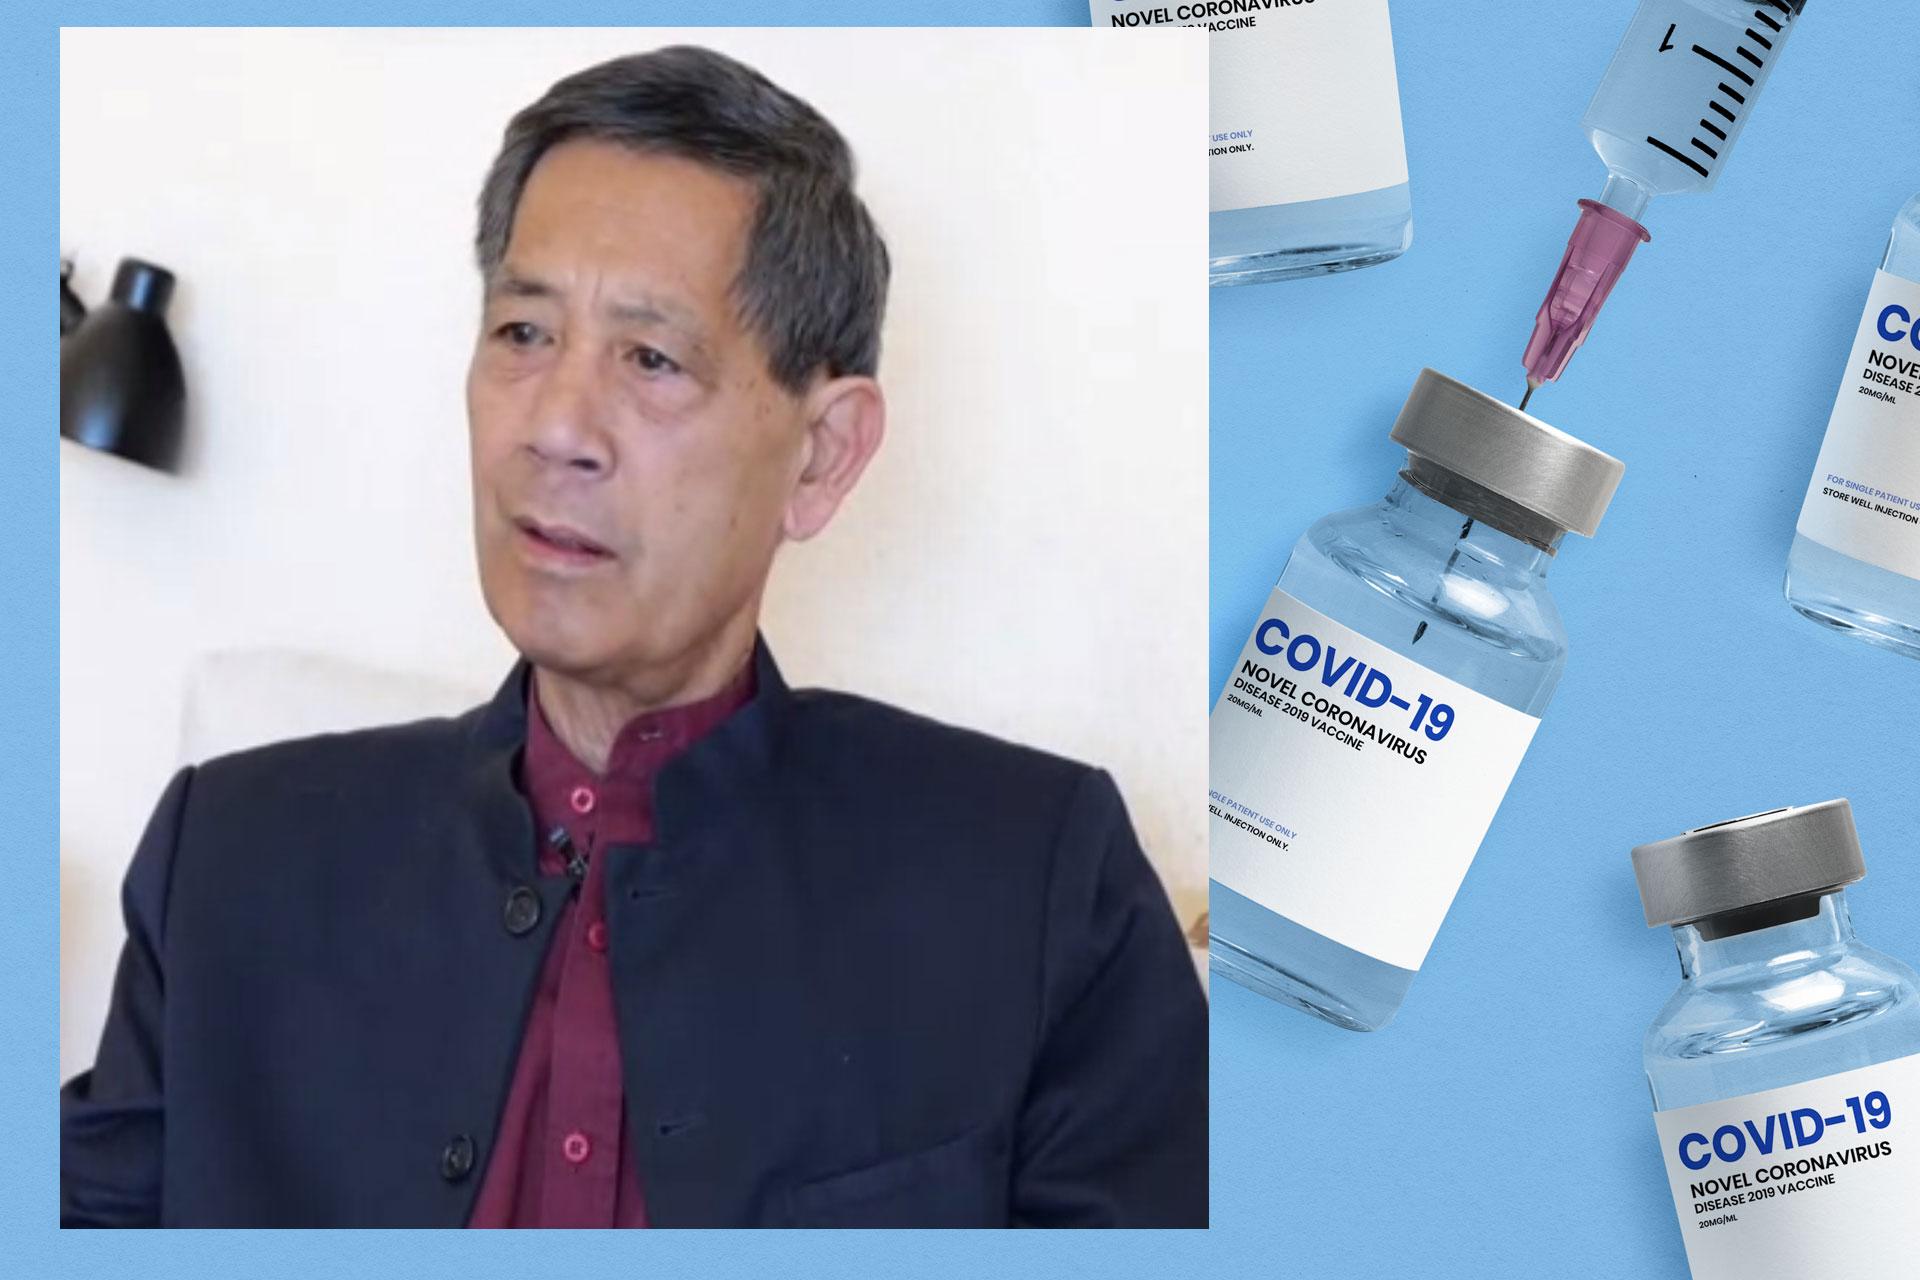 Prof. Bhakdi korrigiert sich: COVID-19-Impfreaktionen gravierender als gedacht